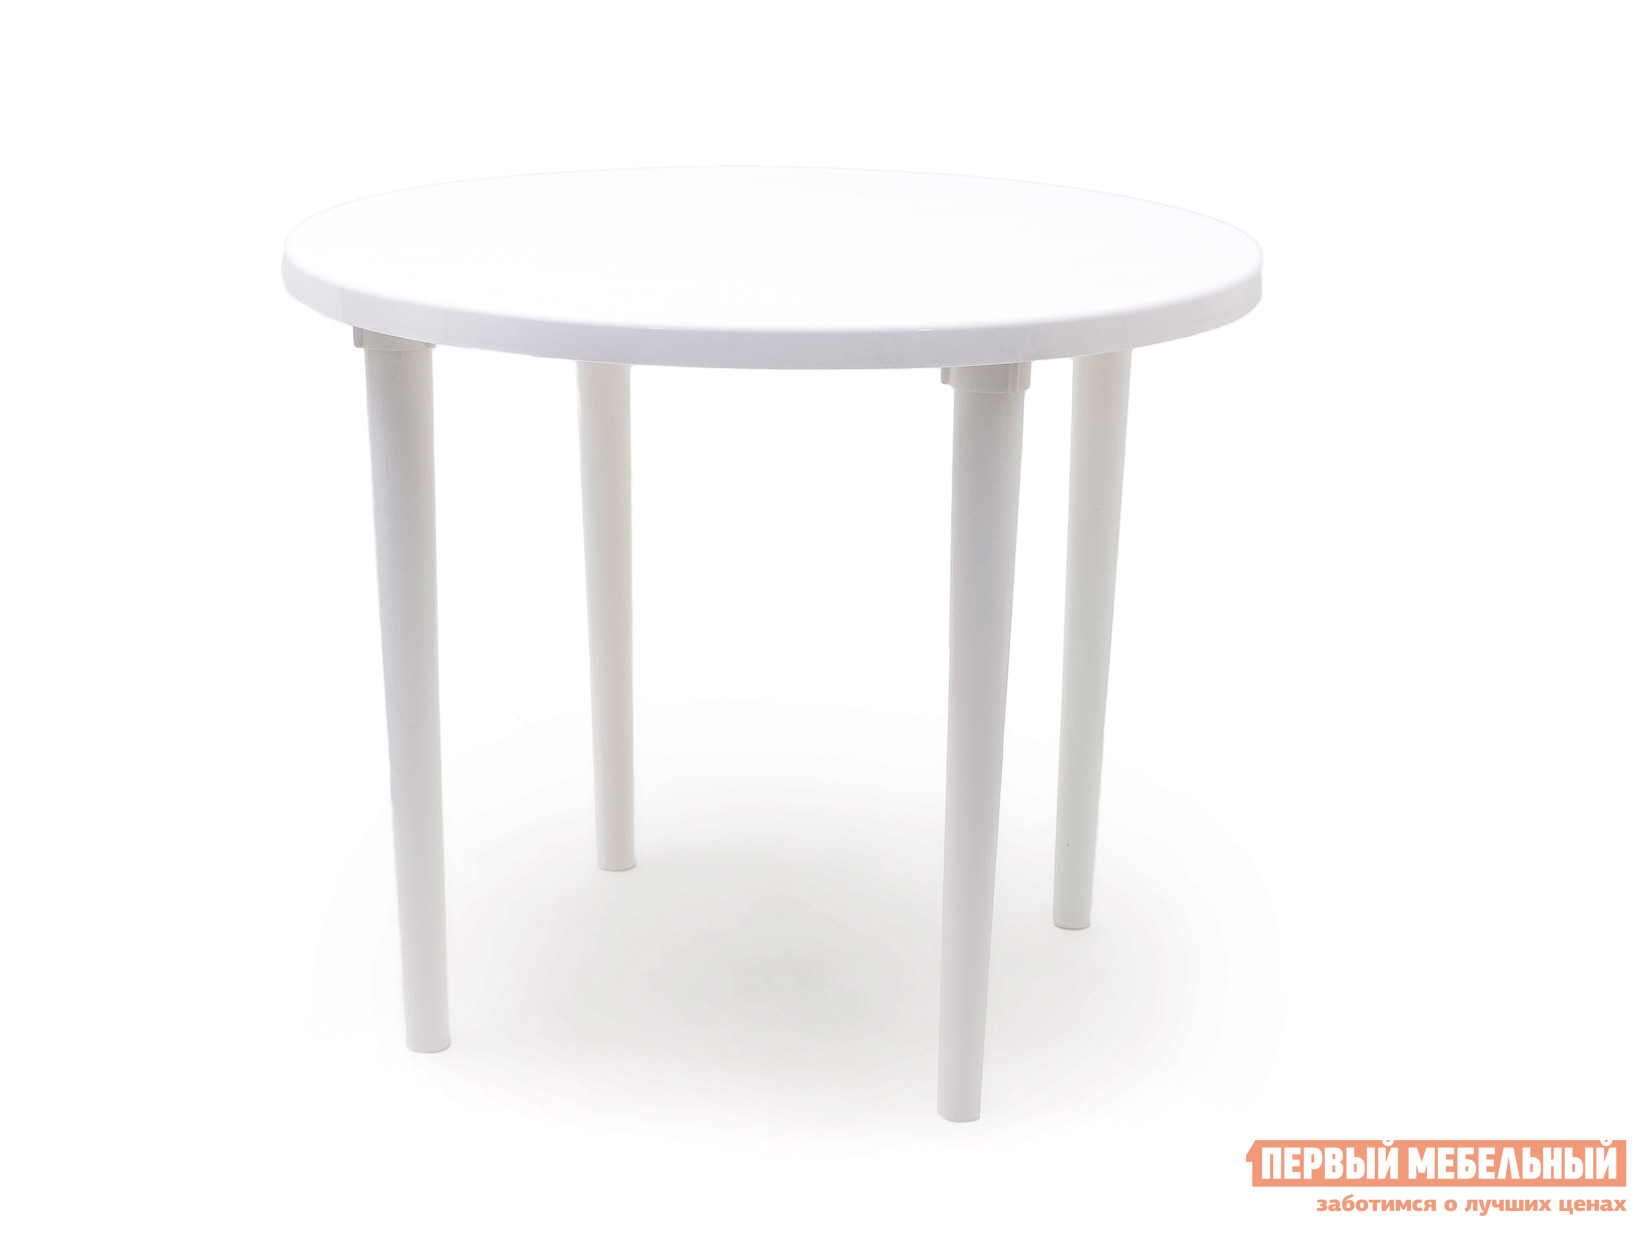 Пластиковый стол Стандарт Пластик Стол круглый, д. 900 мм БелыйПластиковые столы<br>Габаритные размеры ВхШхГ 710x900x900 мм. Пластиковый круглый стол д.  900 мм Рикул совершенно незаменим на даче или в летнем кафе.  Ведь пластик является наиболее практичным материалом для использования на свежем воздухе.  Он легкий, прочный, не боится воды и грязи, температурных перепадов. Широкая круглая столешница создаст удобные условия для обеда всей семьей на террасе или в саду.  В центре есть отверстие для зонта, с которым ваше пребывание даже в солнечный полдень станет комфортным.<br><br>Цвет: Белый<br>Высота мм: 710<br>Ширина мм: 900<br>Глубина мм: 900<br>Кол-во упаковок: 1<br>Форма поставки: В разобранном виде<br>Срок гарантии: 1 год<br>Форма: Круглые<br>Размер: Большие